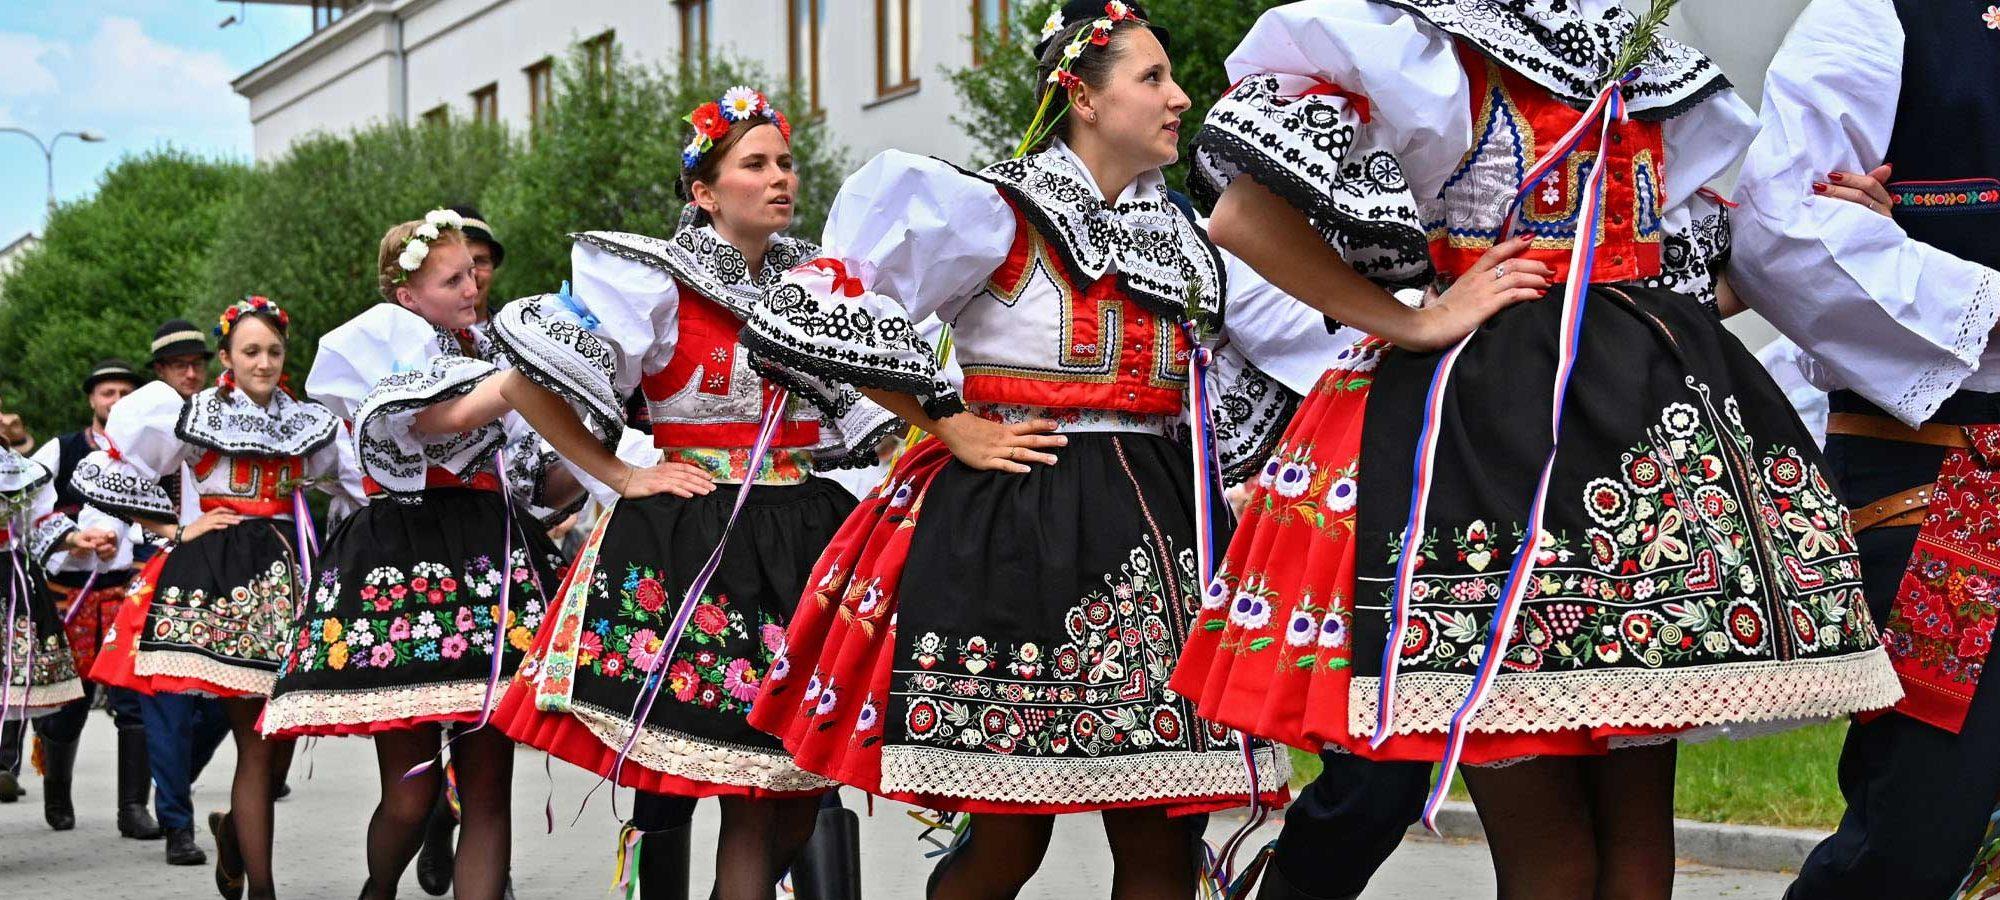 Mai / August: Volksfest in Hlohovec mit Trachtenumzug und Aufstellen des Maibaums